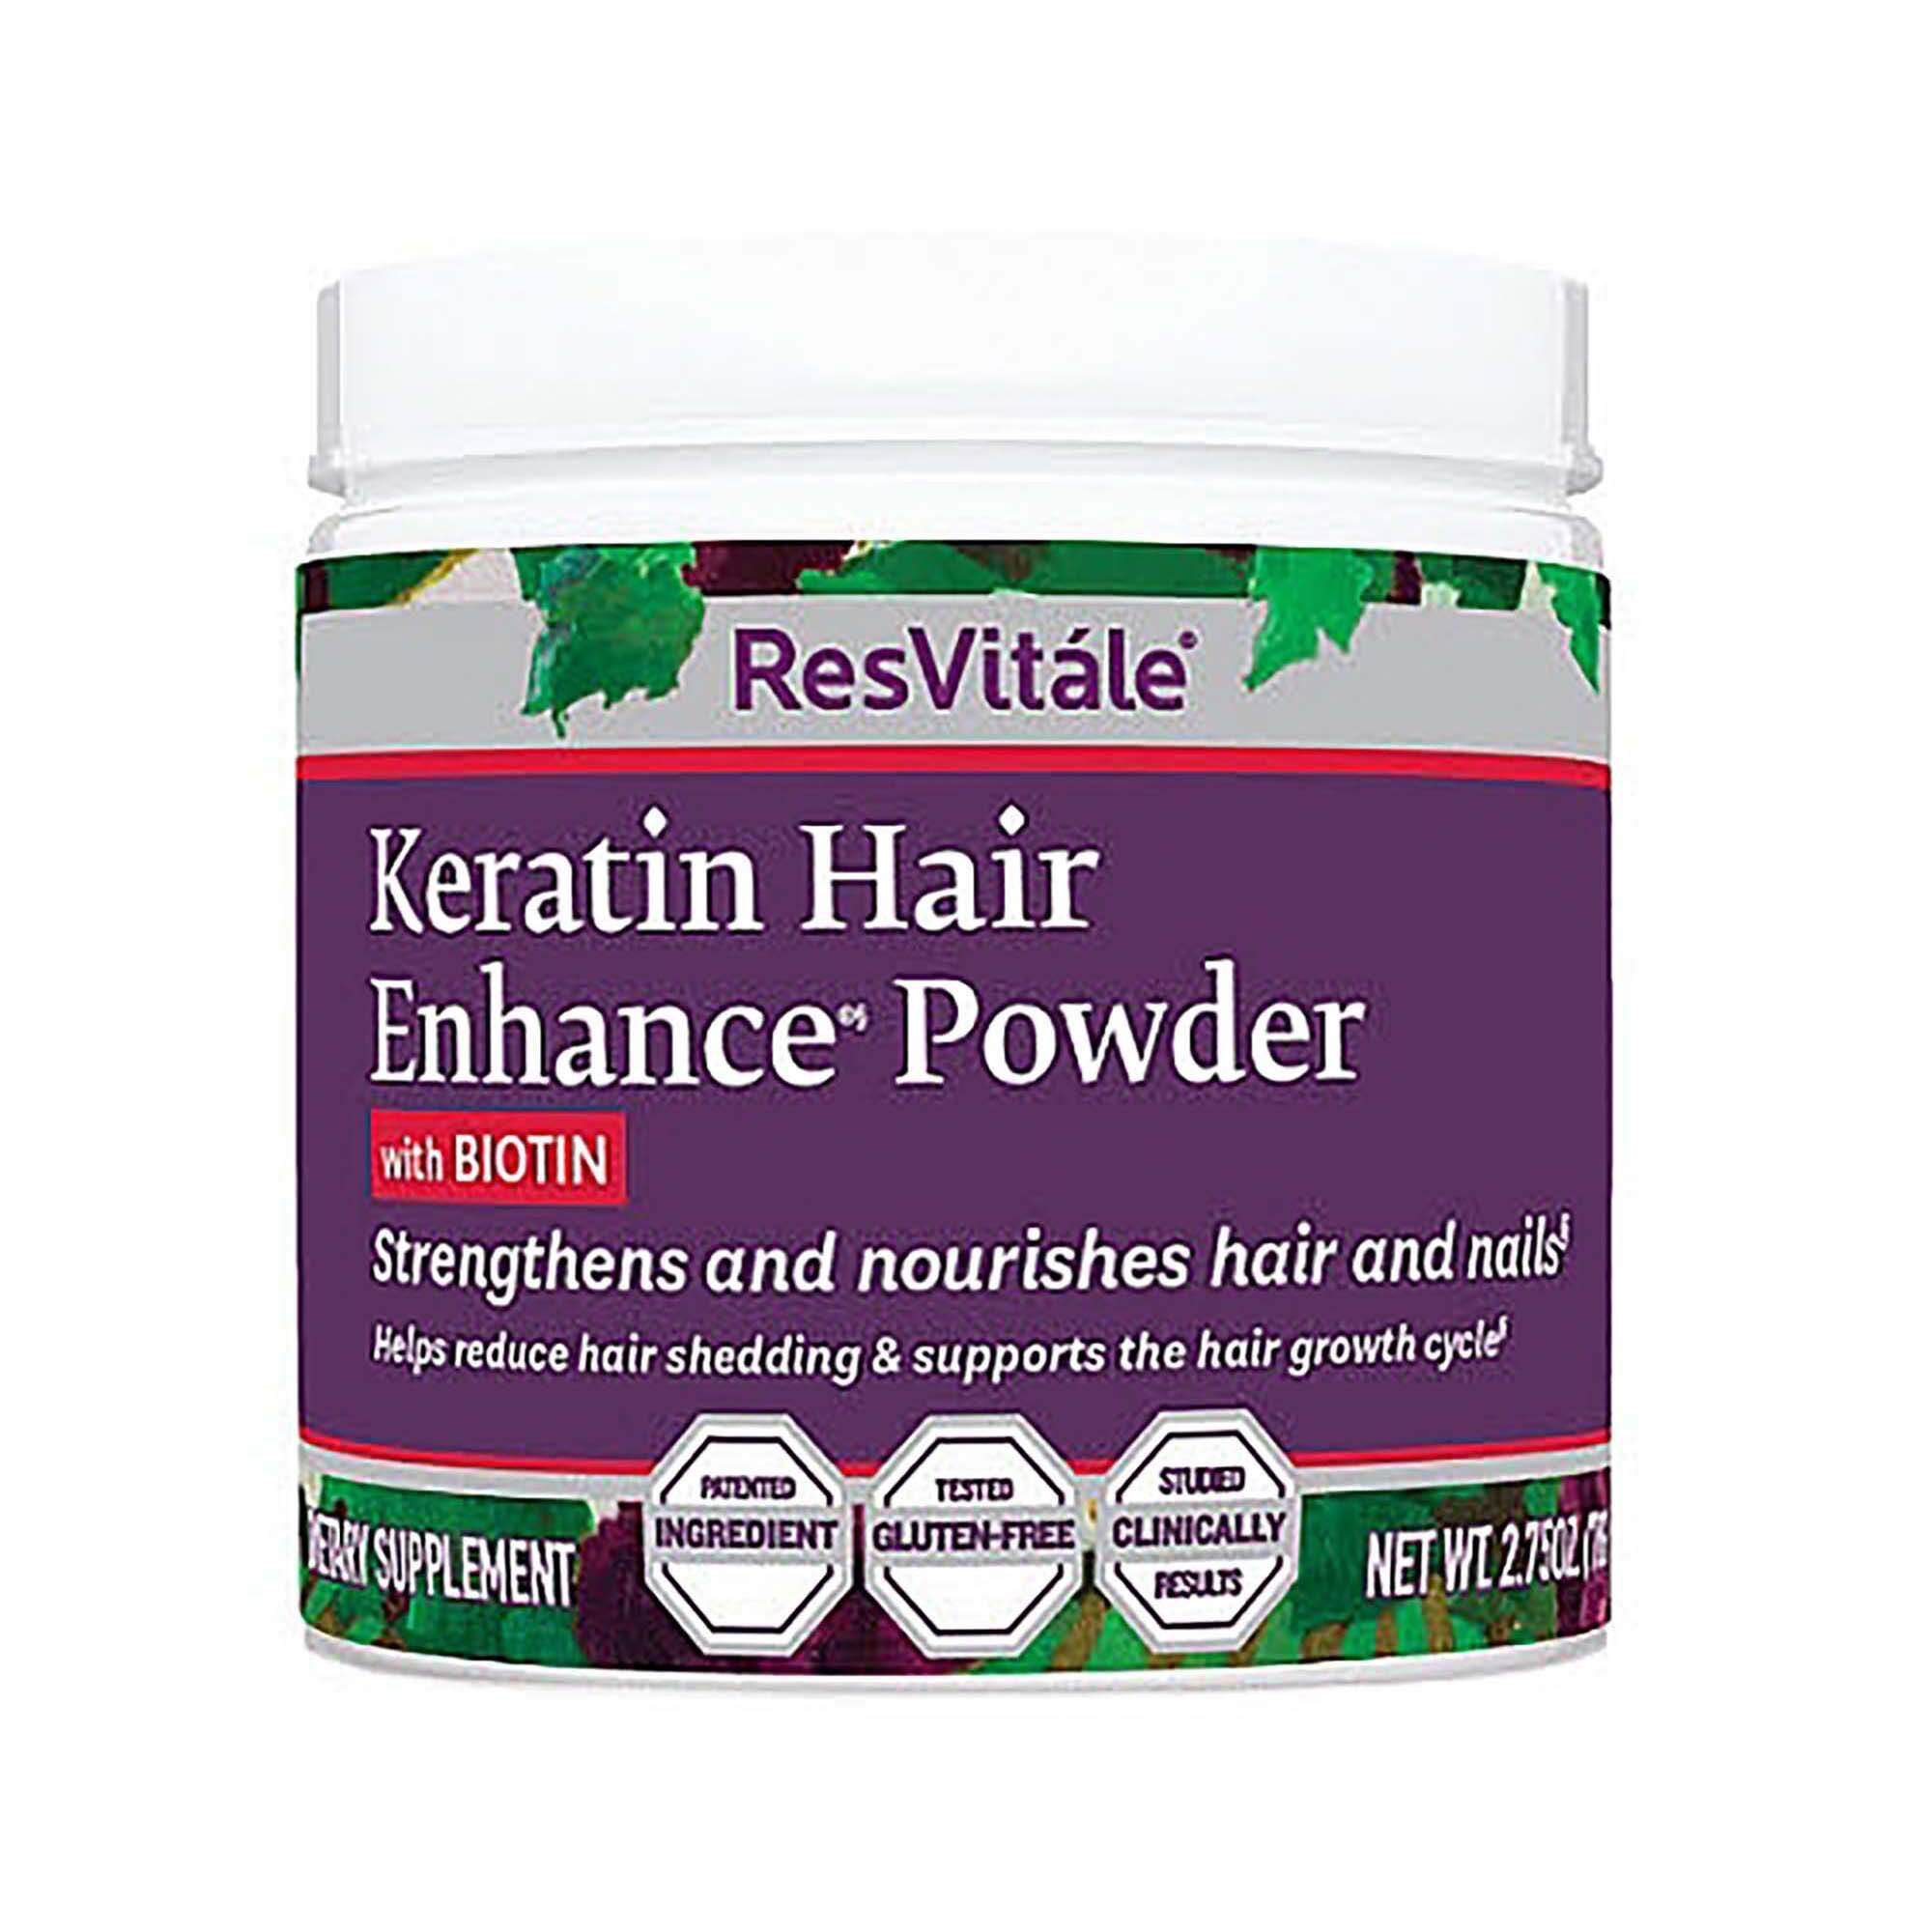 Keratin Hair Enhance® Powder